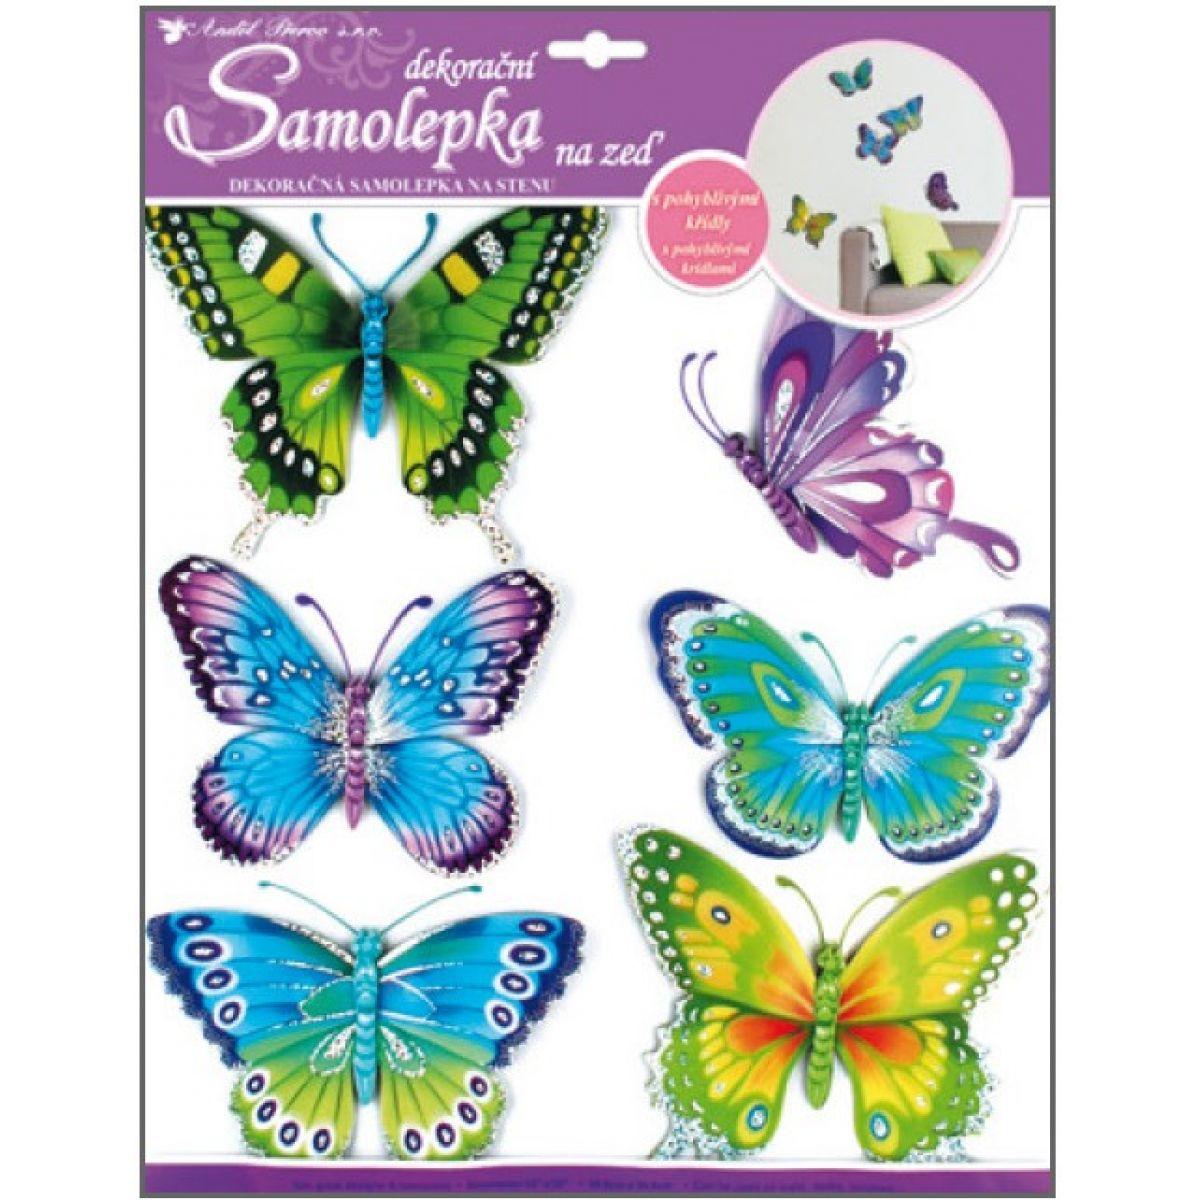 Samolepky na stenu motýle modrozelený s pohyblivými krídlami 30,5x30,5cm